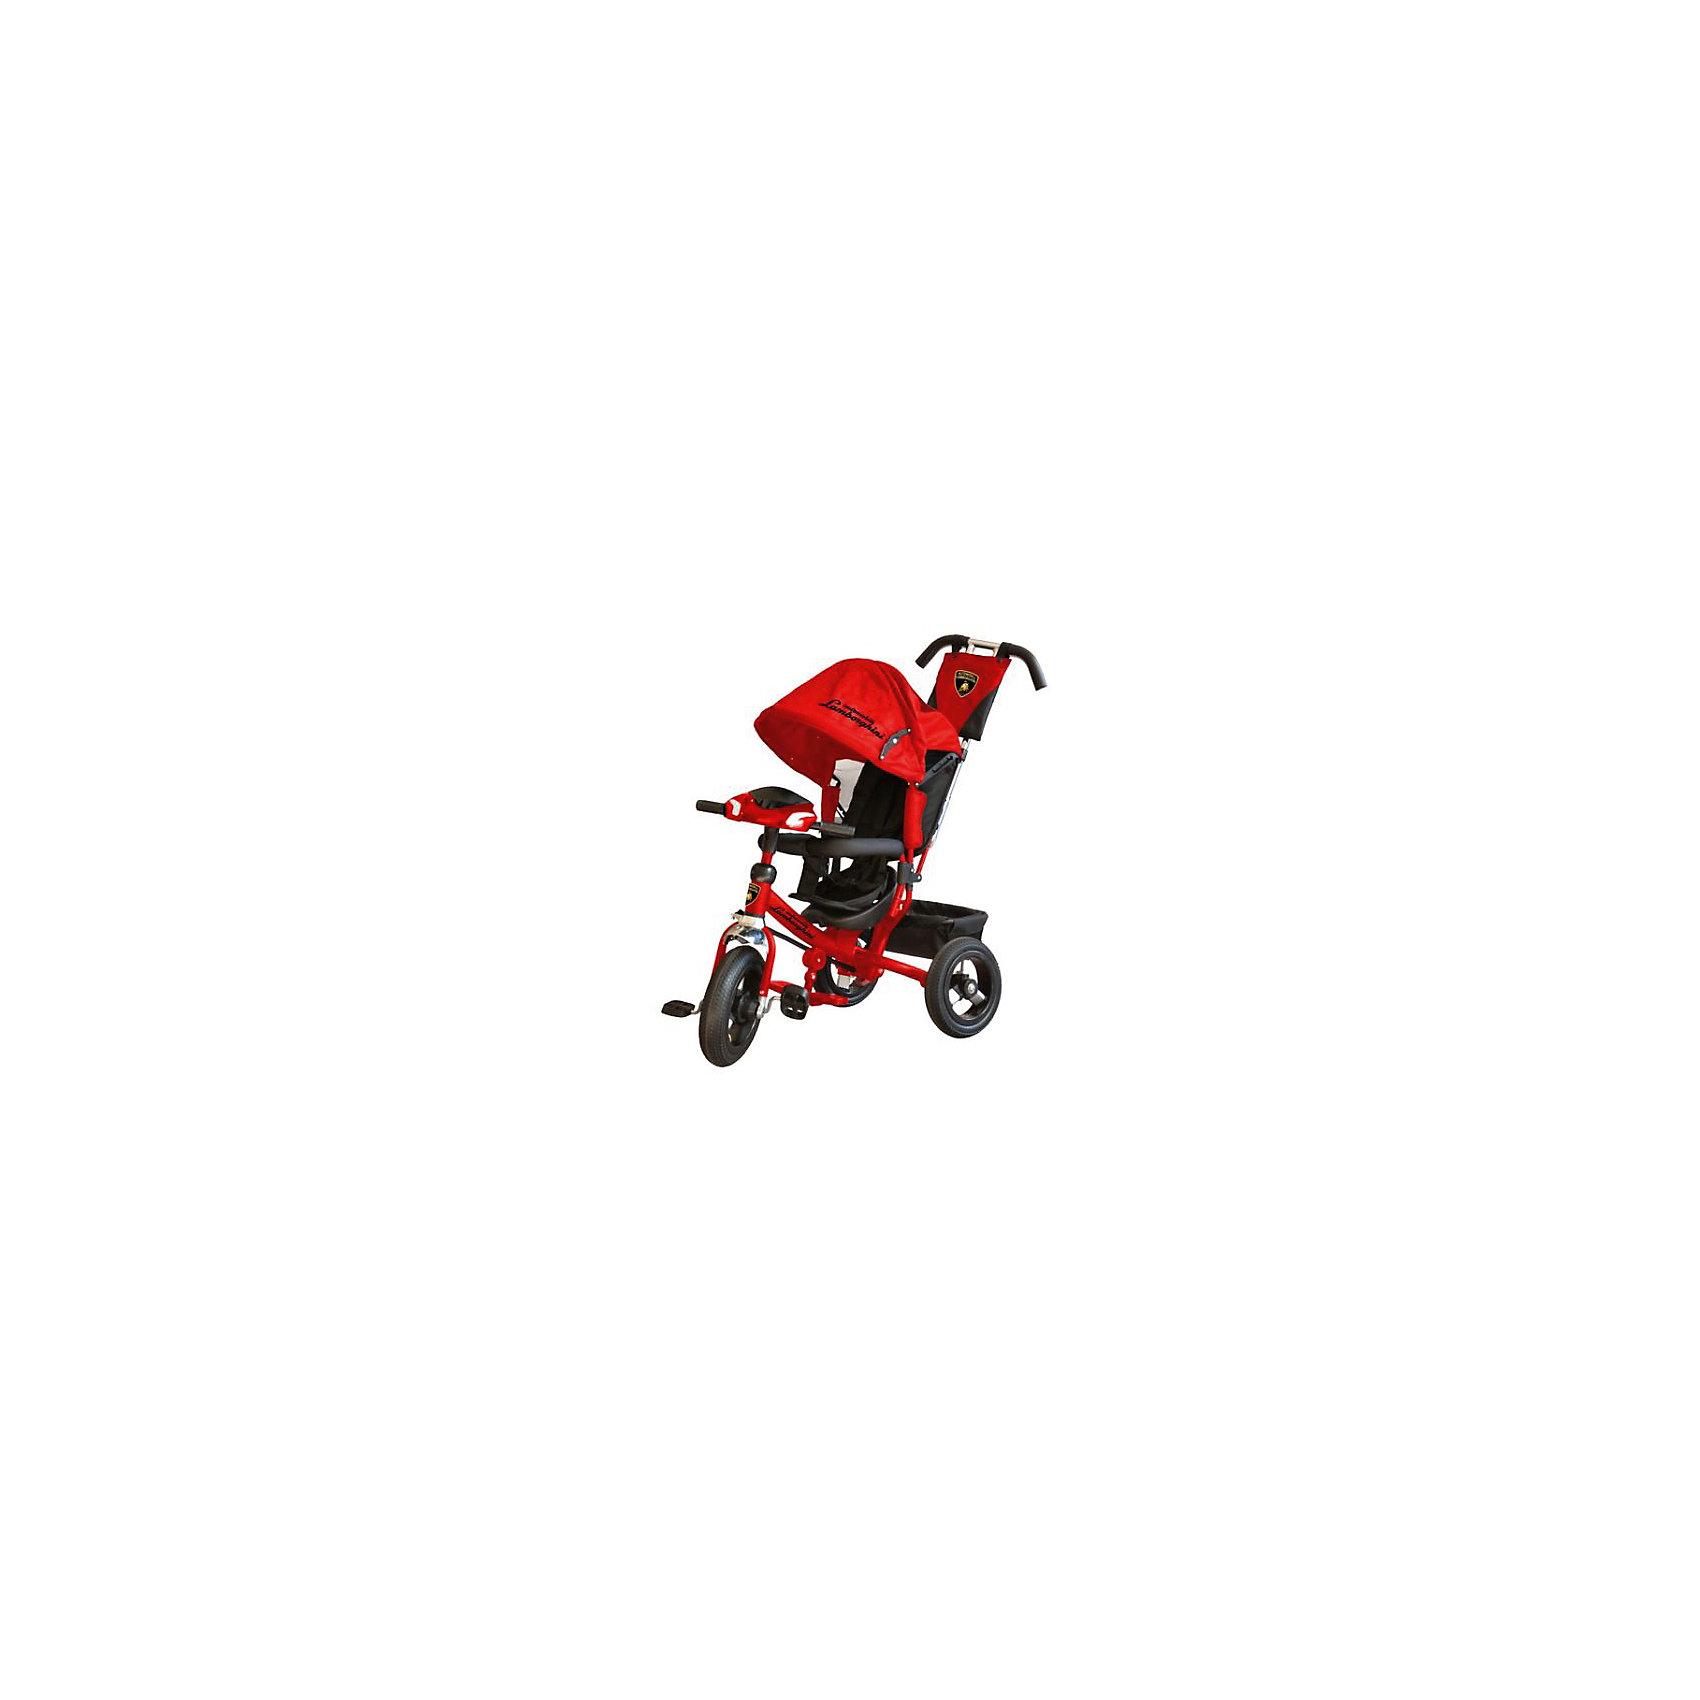 Трехколесный велосипед, красный, LamborghiniВелосипеды детские<br><br><br>Ширина мм: 660<br>Глубина мм: 380<br>Высота мм: 420<br>Вес г: 16000<br>Возраст от месяцев: 12<br>Возраст до месяцев: 48<br>Пол: Унисекс<br>Возраст: Детский<br>SKU: 6768037